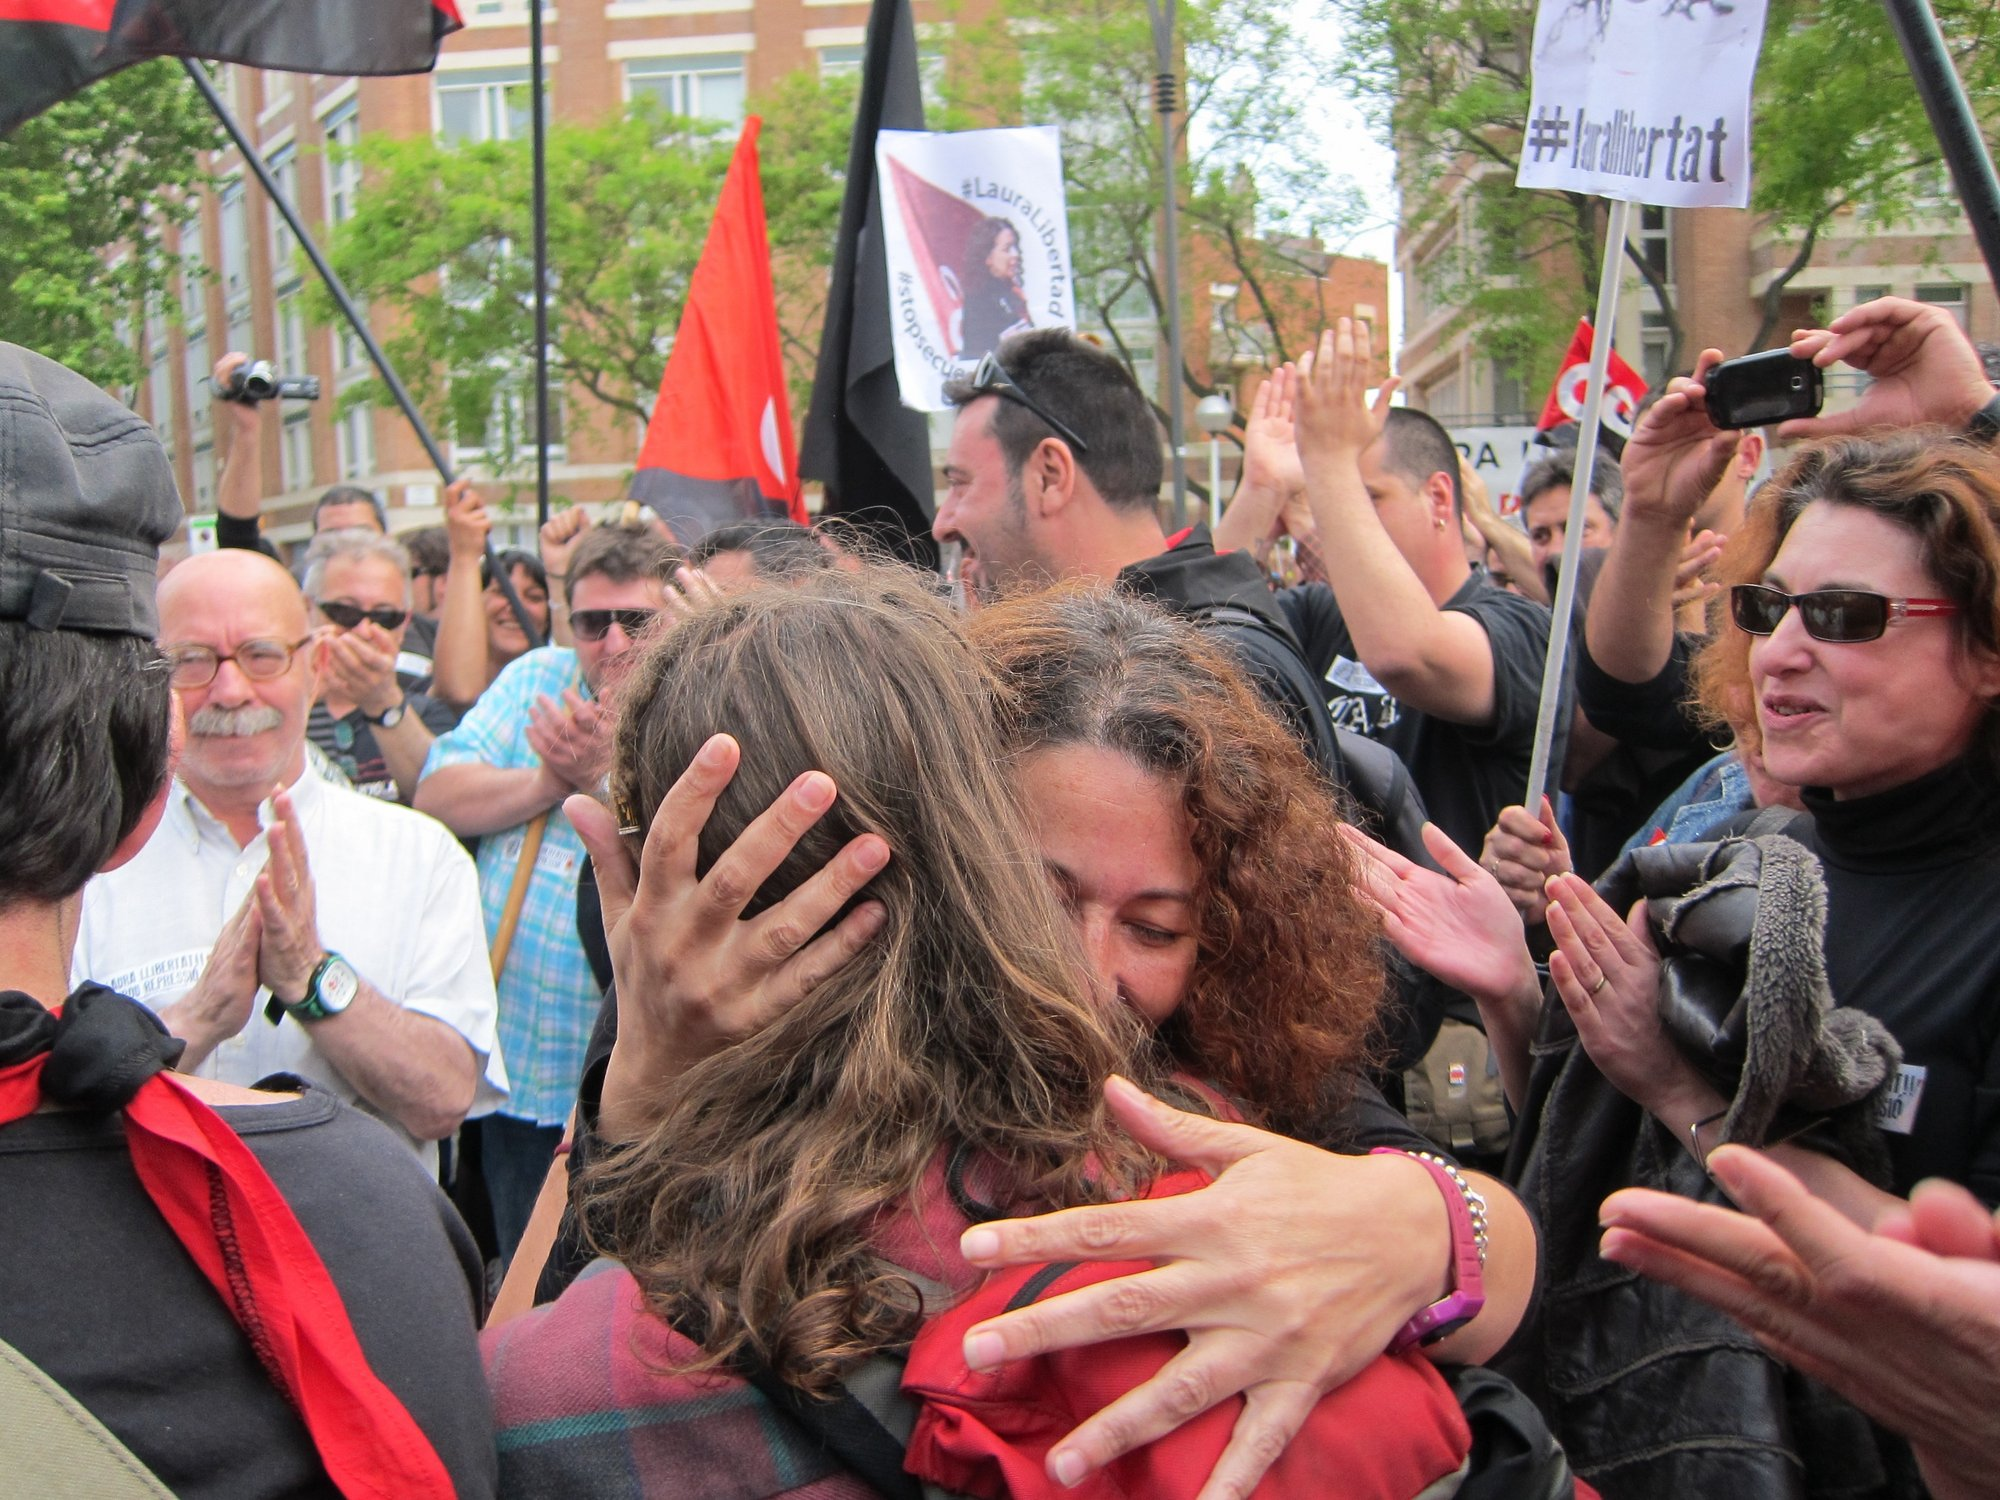 Sale en libertad la secretaria de organización de la CGT, Laura Gómez, tras 23 días en prisión por incidentes del 29-M